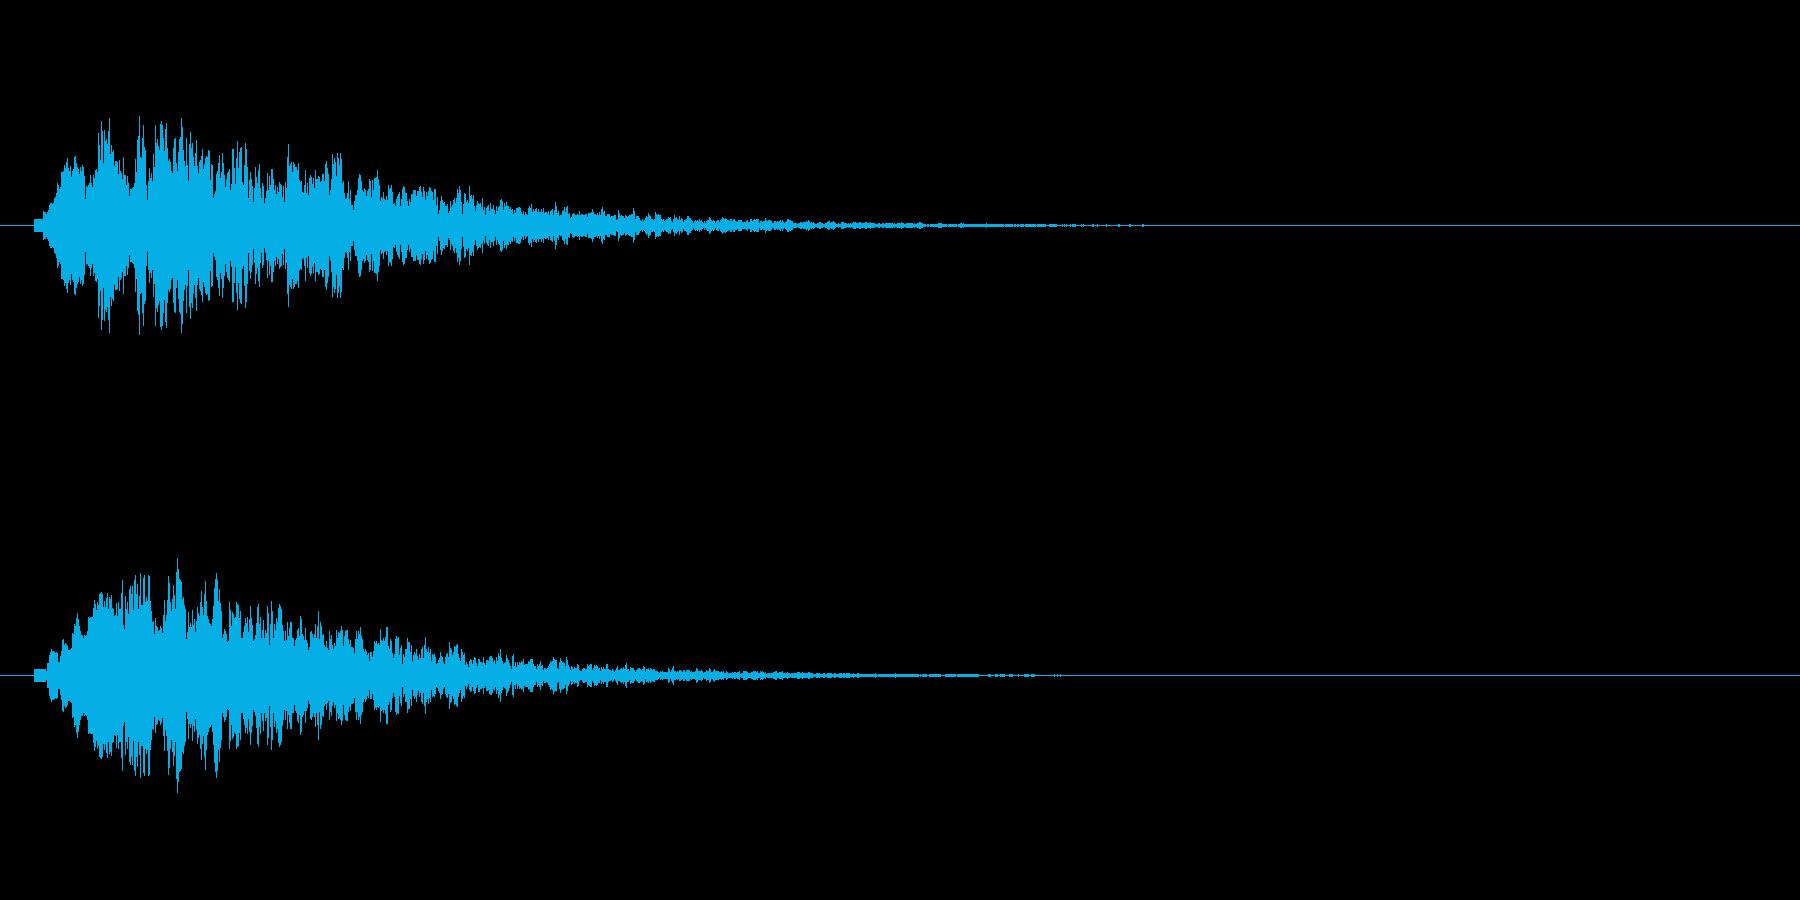 キラリン(光る音、輝く音、星の流れる音)の再生済みの波形